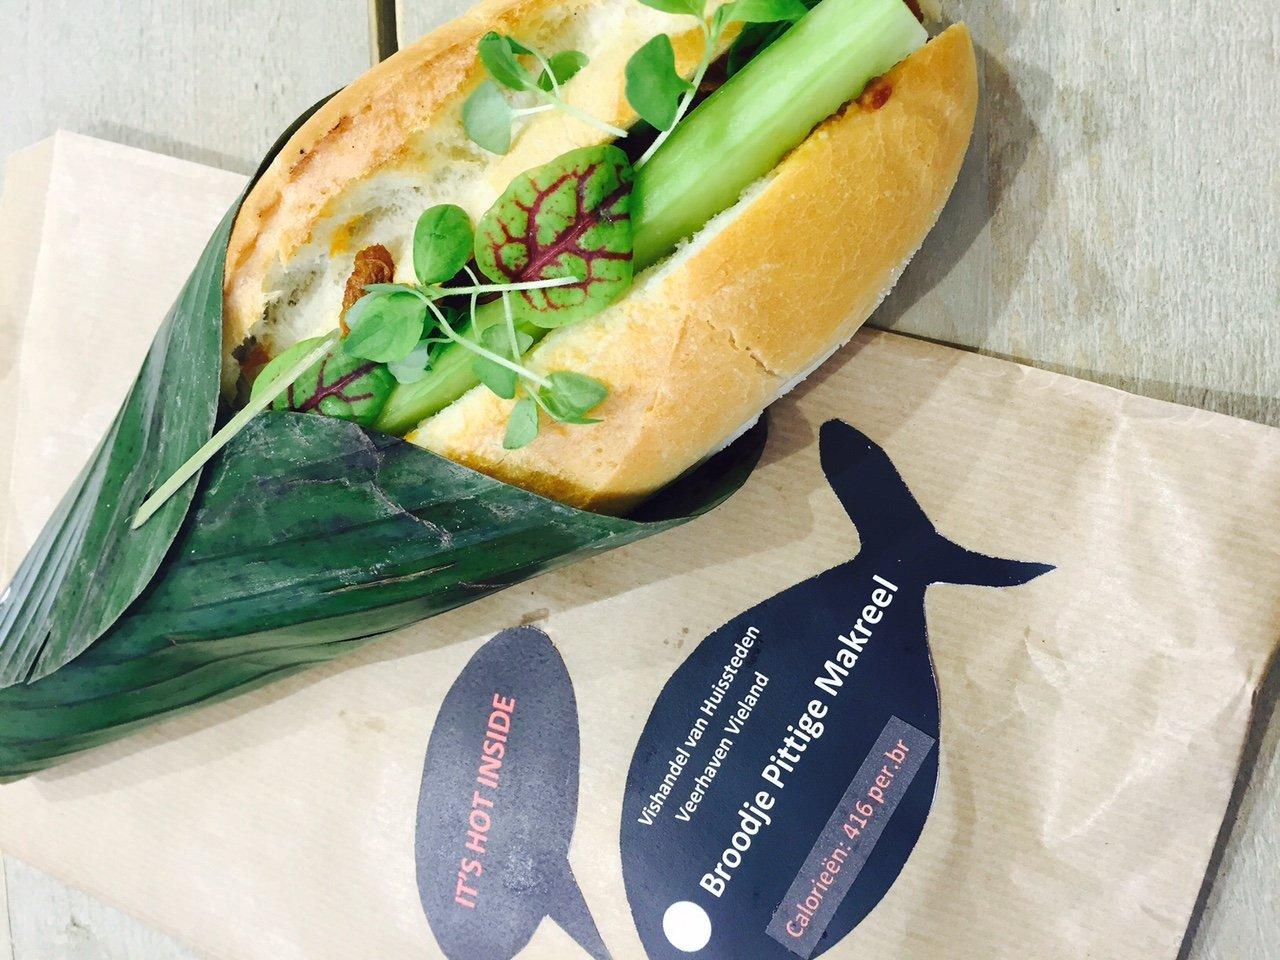 Horecava De Lekkerste Wedstrijden Het Lekkerste Broodje Wedstrijd Januari 2016 Foodblog Foodinista